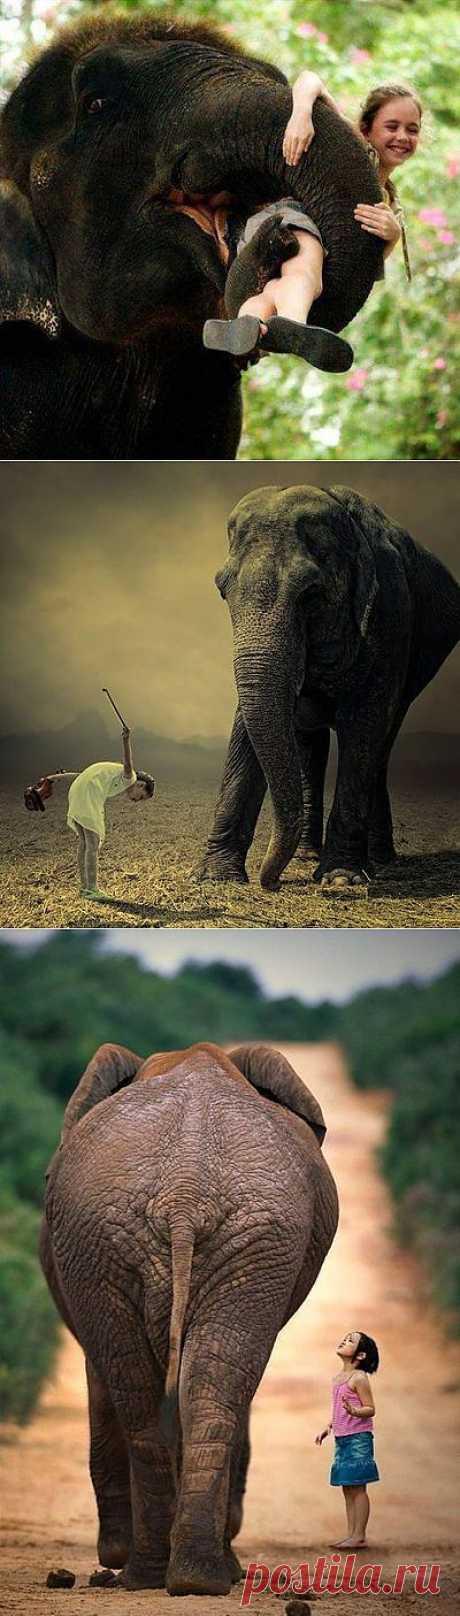 Con el amor. Los elefantes.